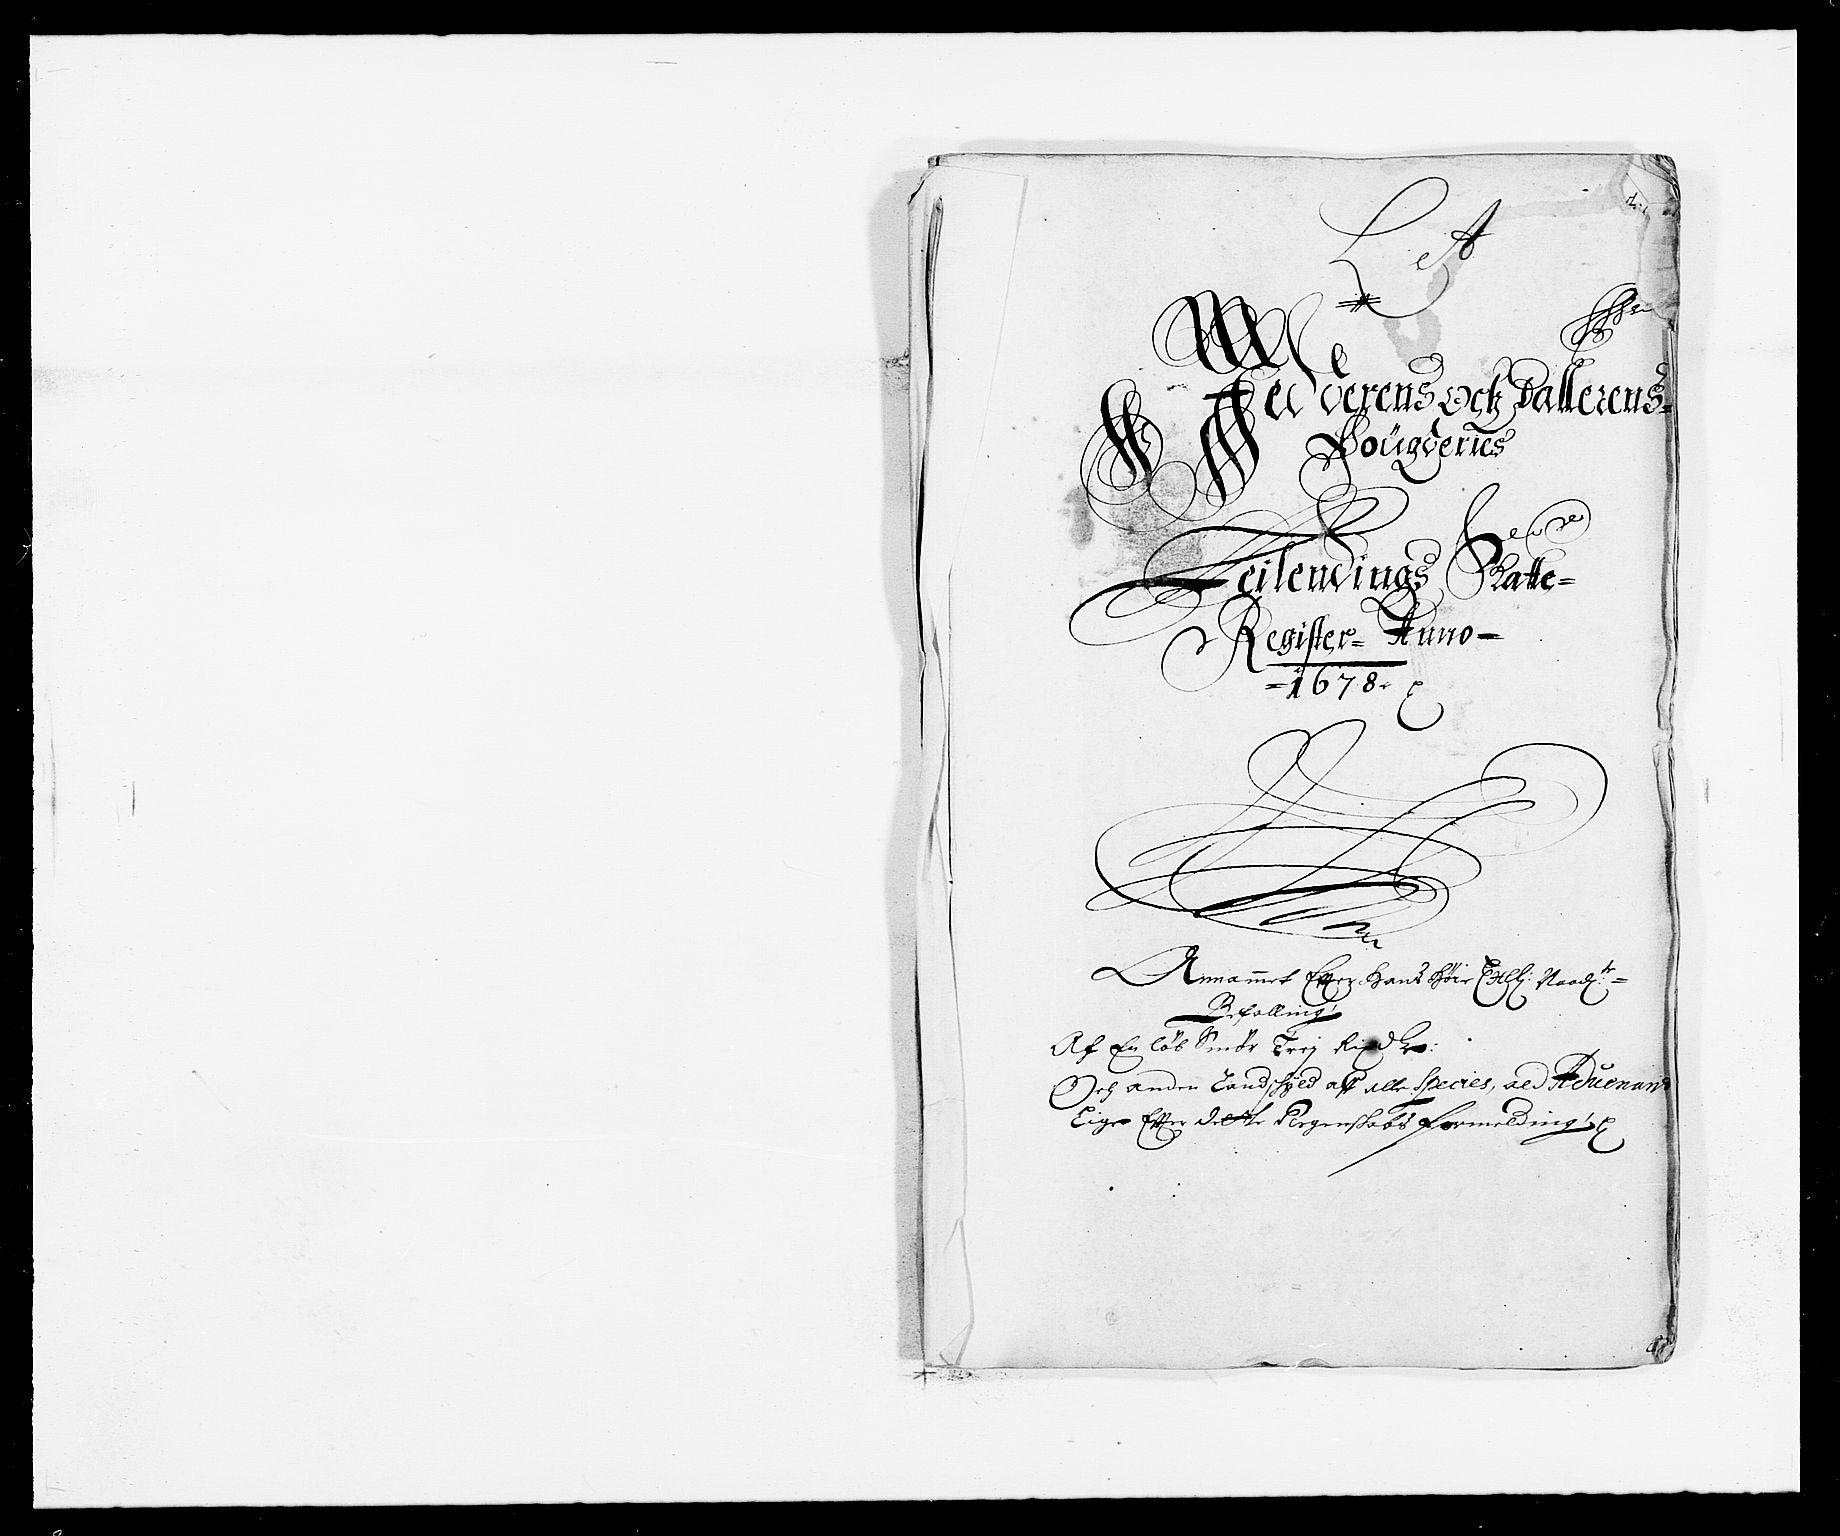 RA, Rentekammeret inntil 1814, Reviderte regnskaper, Fogderegnskap, R46/L2718: Fogderegnskap Jæren og Dalane, 1678, s. 17